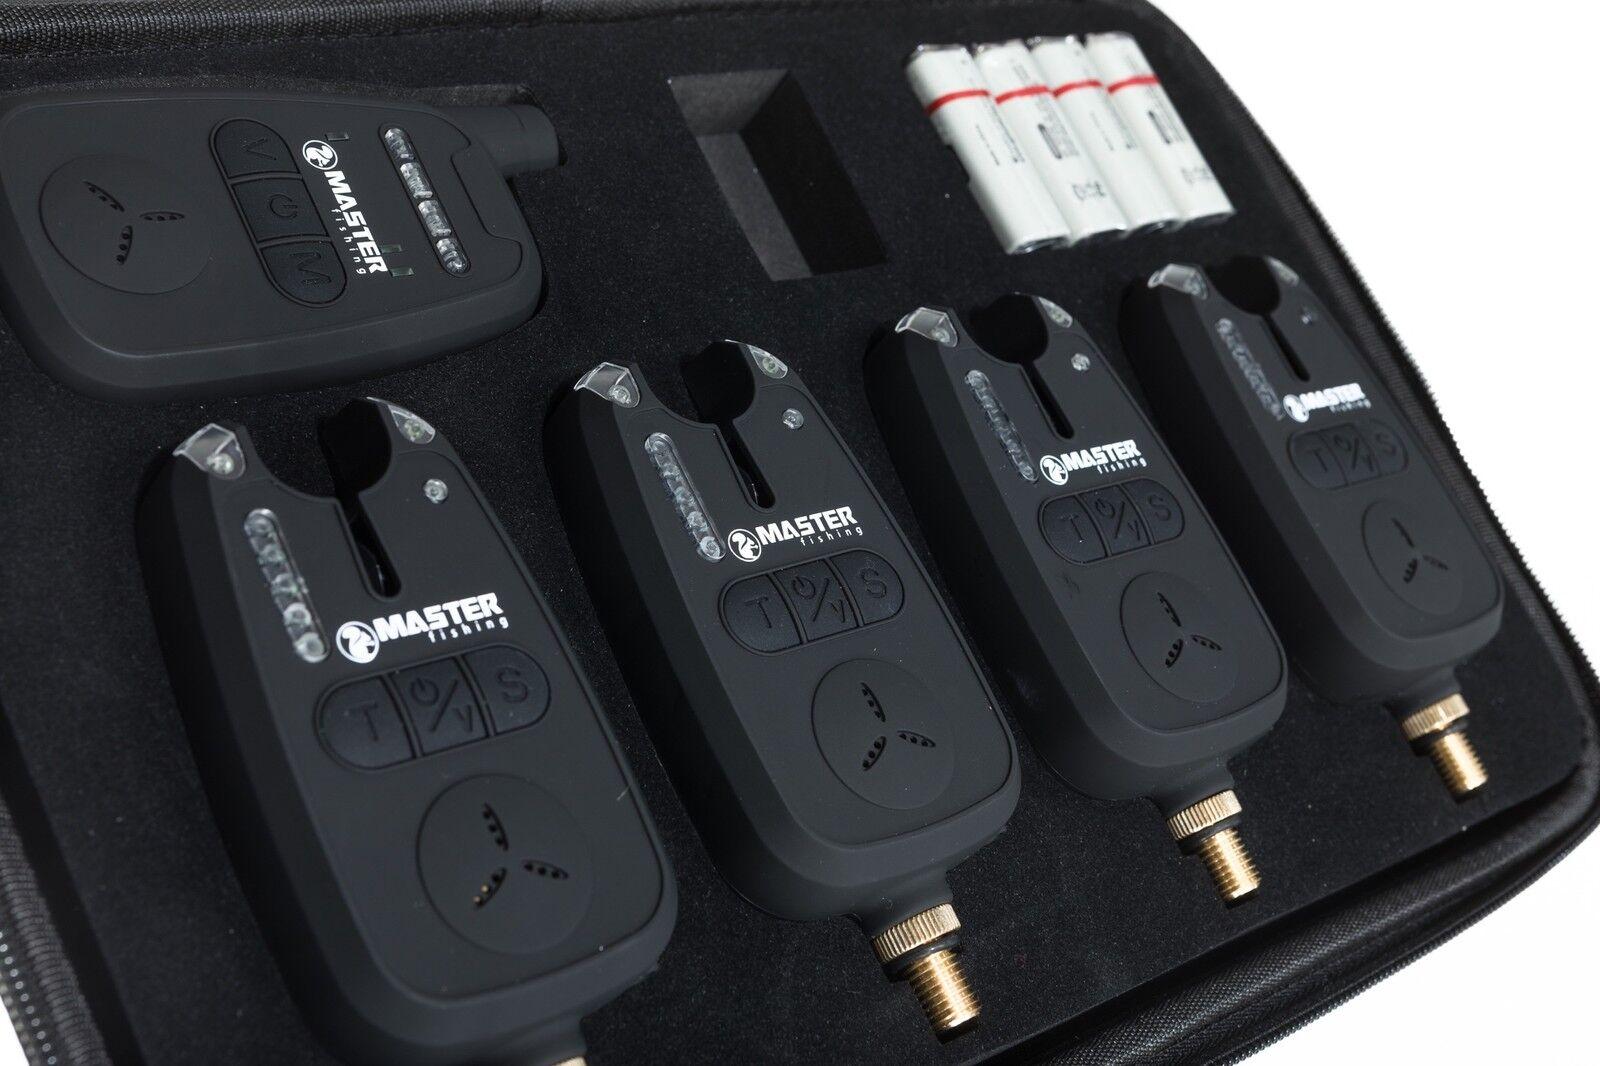 La PESCA Bite Alarm Set Wireless 2x 3x 4x tuttiARMI  rieciever in caso impermeabile